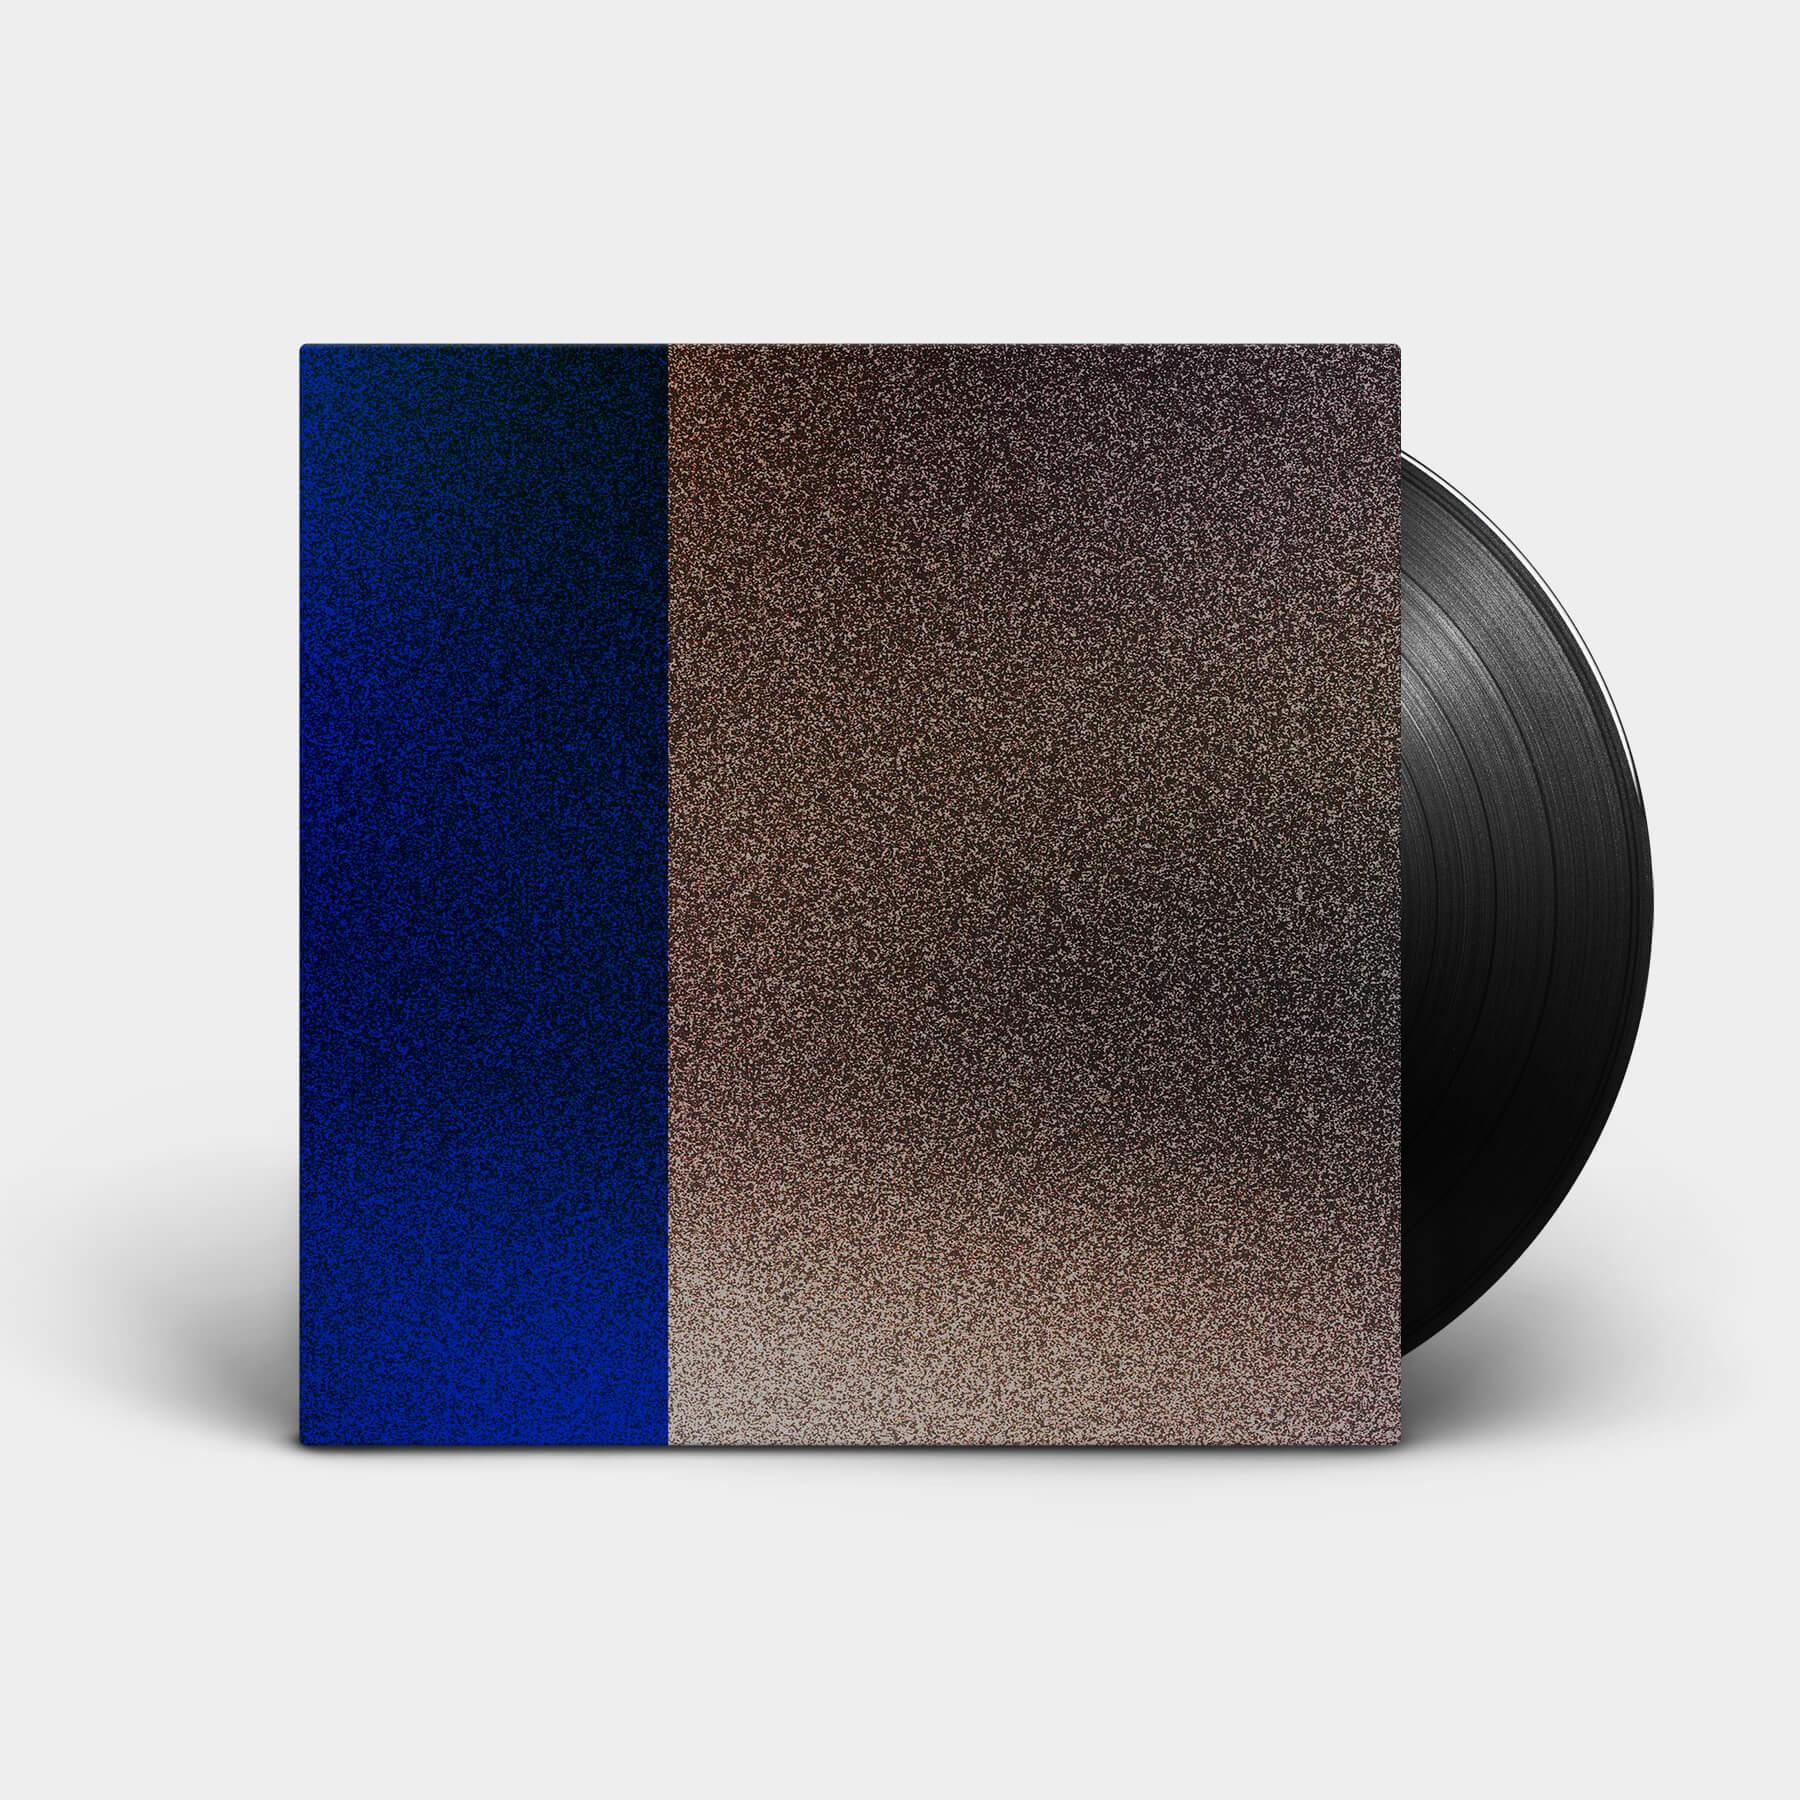 Vinyl-Cover-01